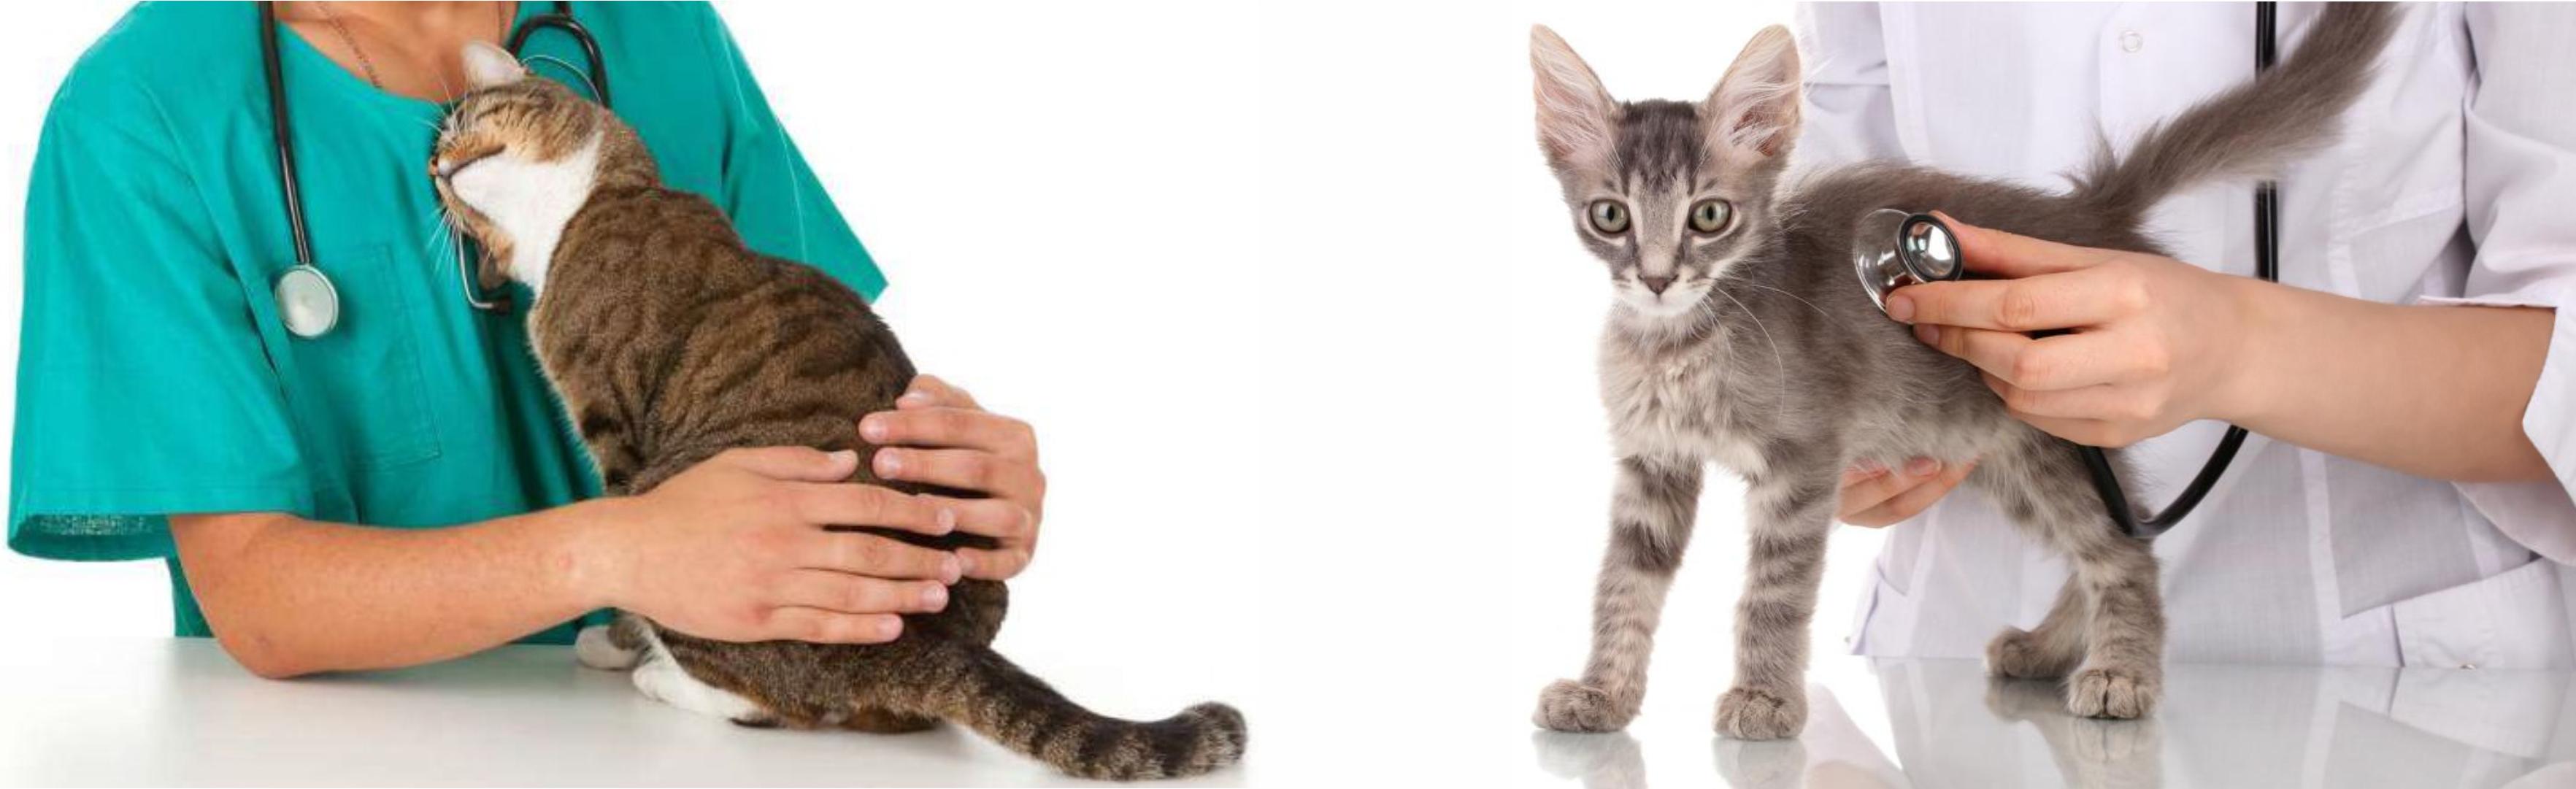 Квалифицированная ветеринарная помощь